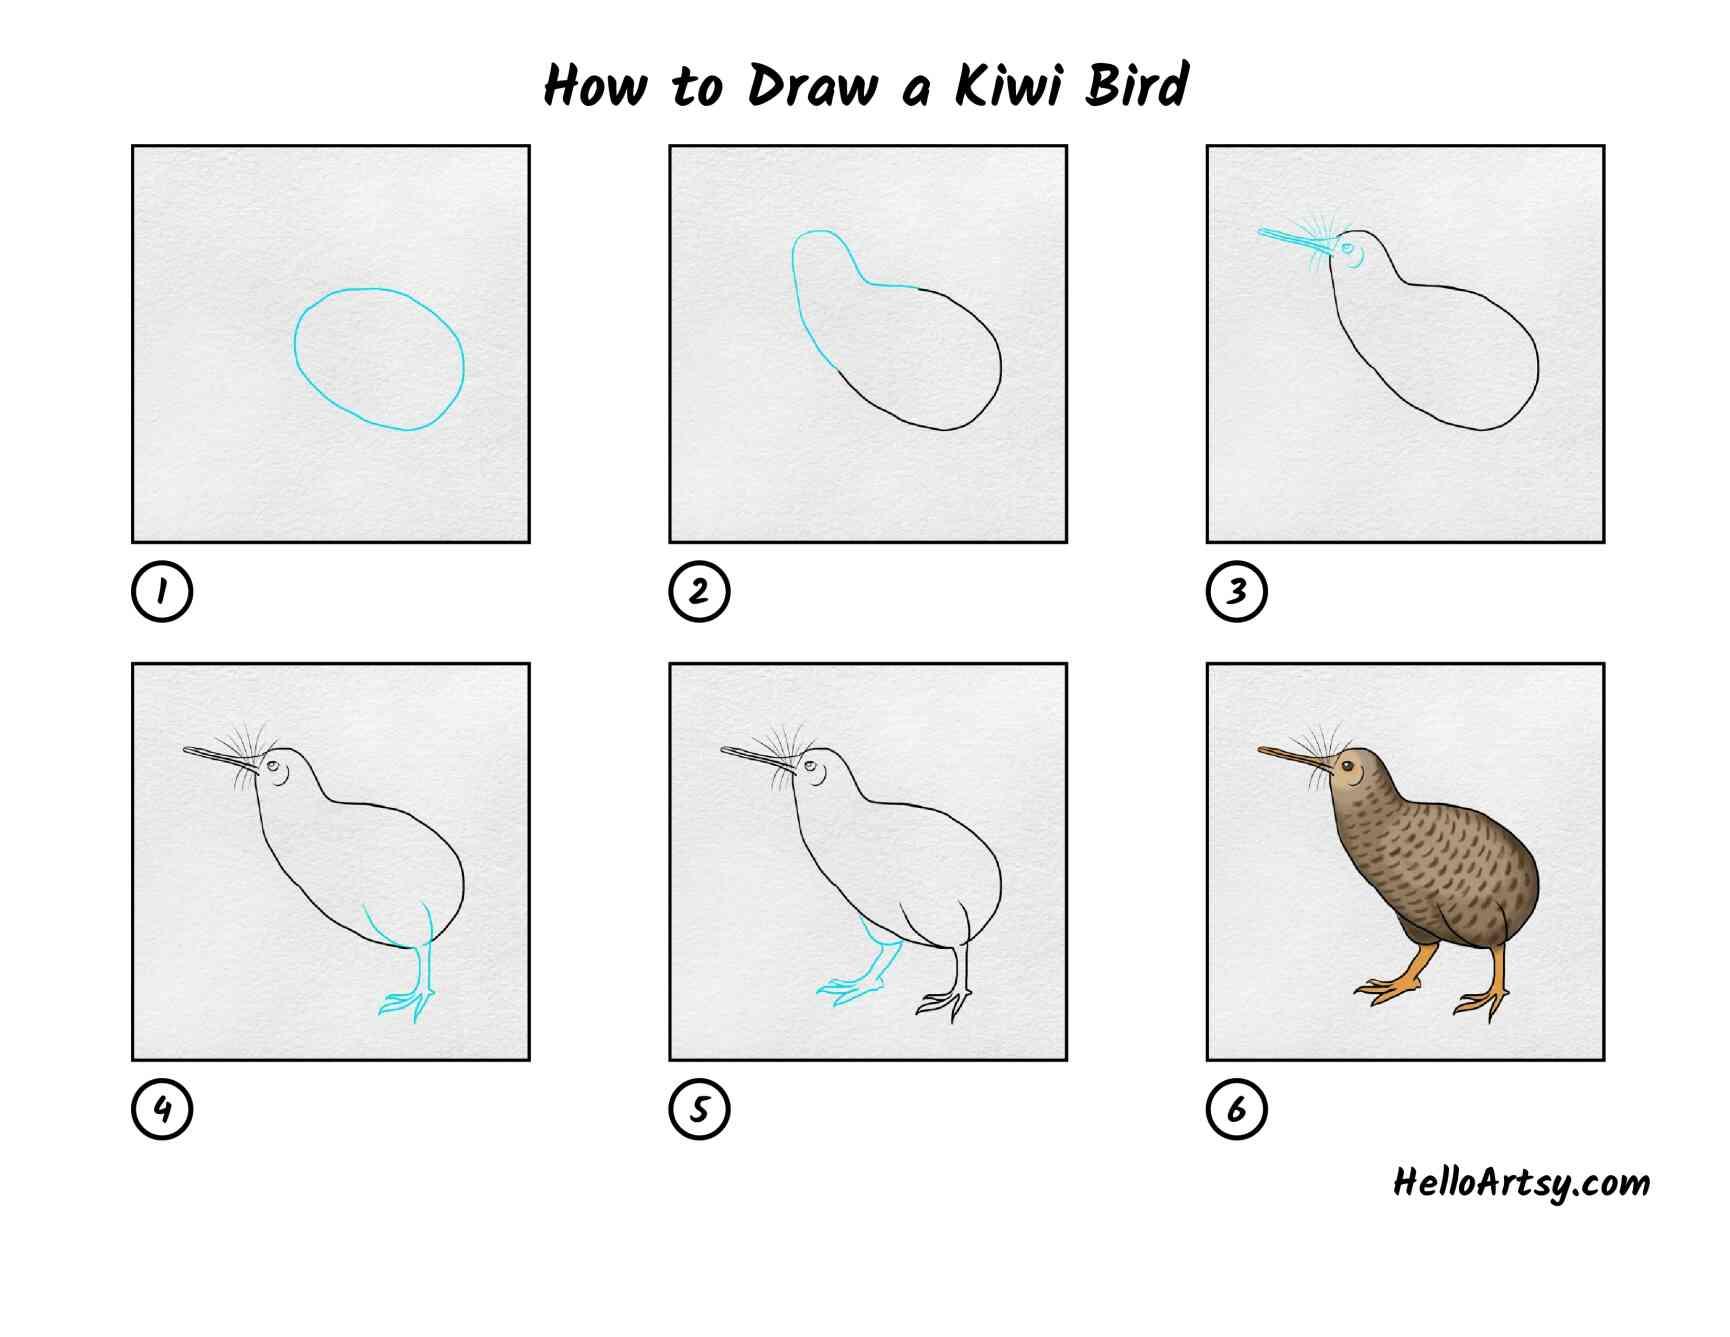 How To Draw Kiwi Bird: All Steps